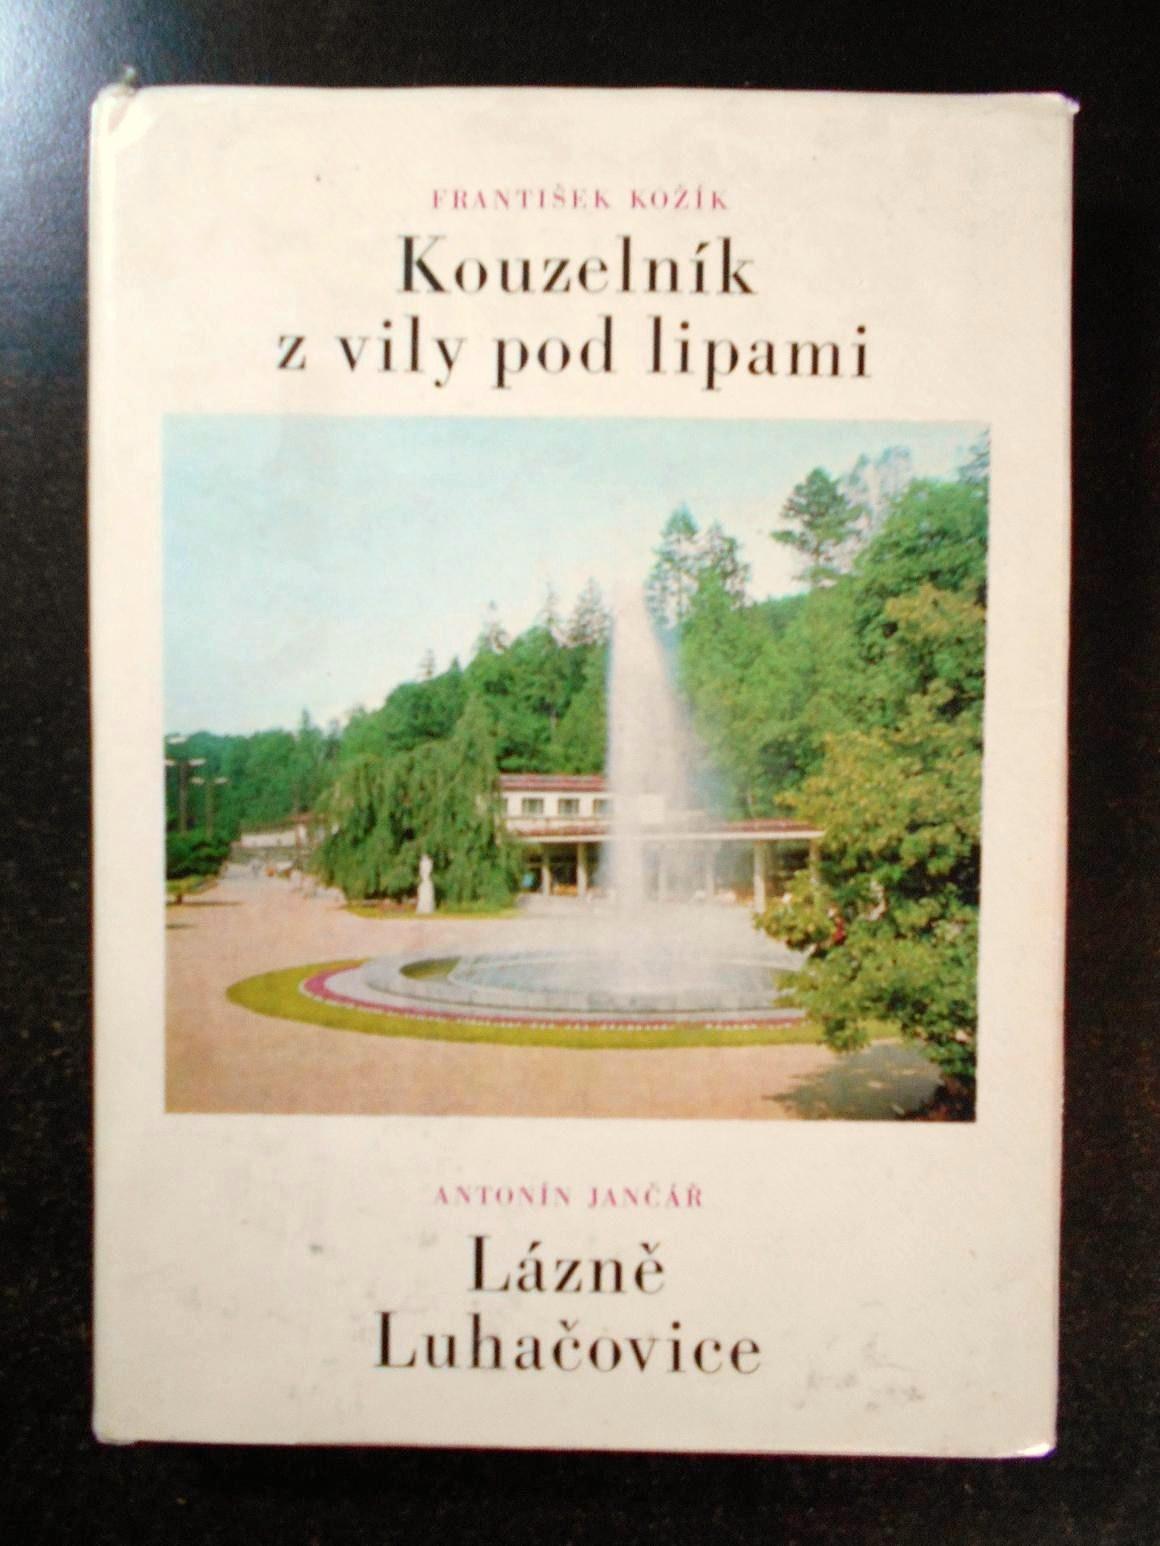 Kouzelník z vily pod lipami, Lázně Luhačovice